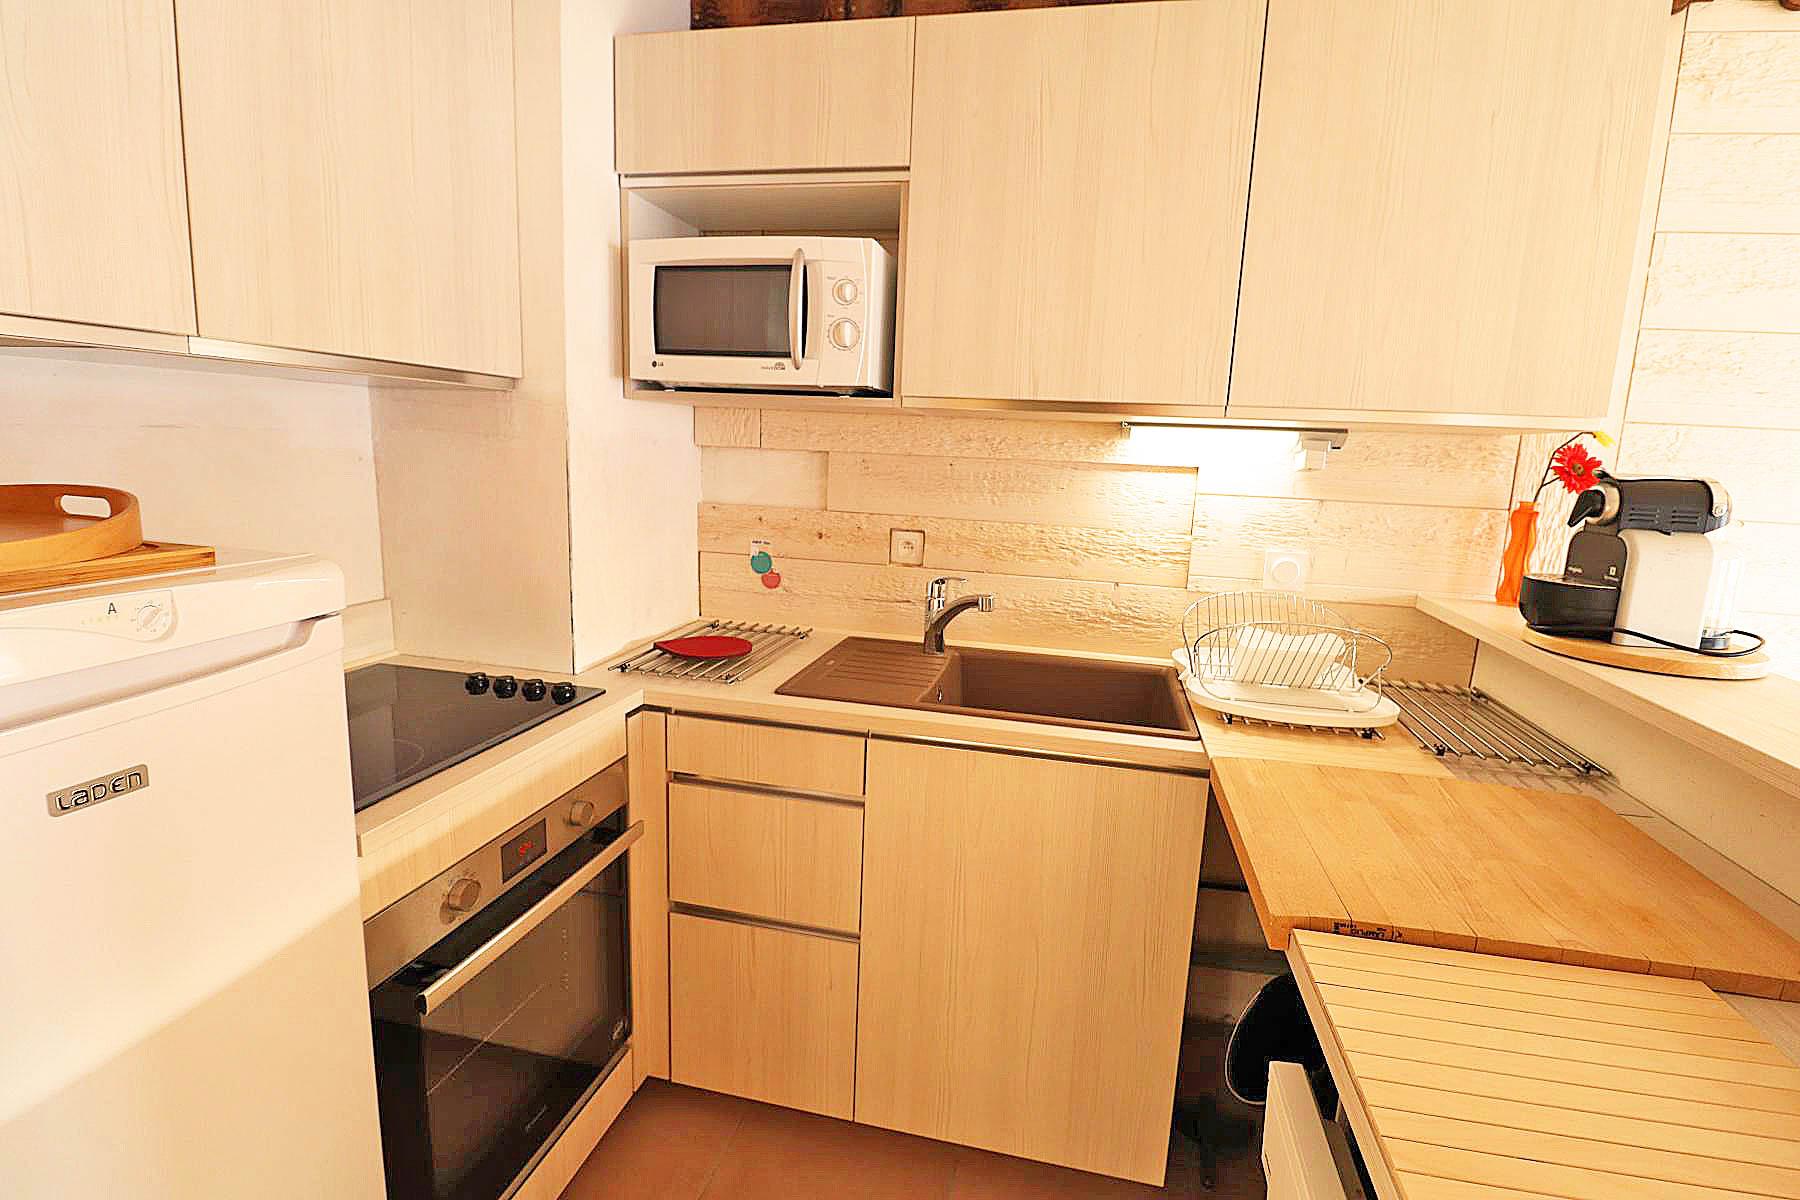 Studio appt 822 Kitchen